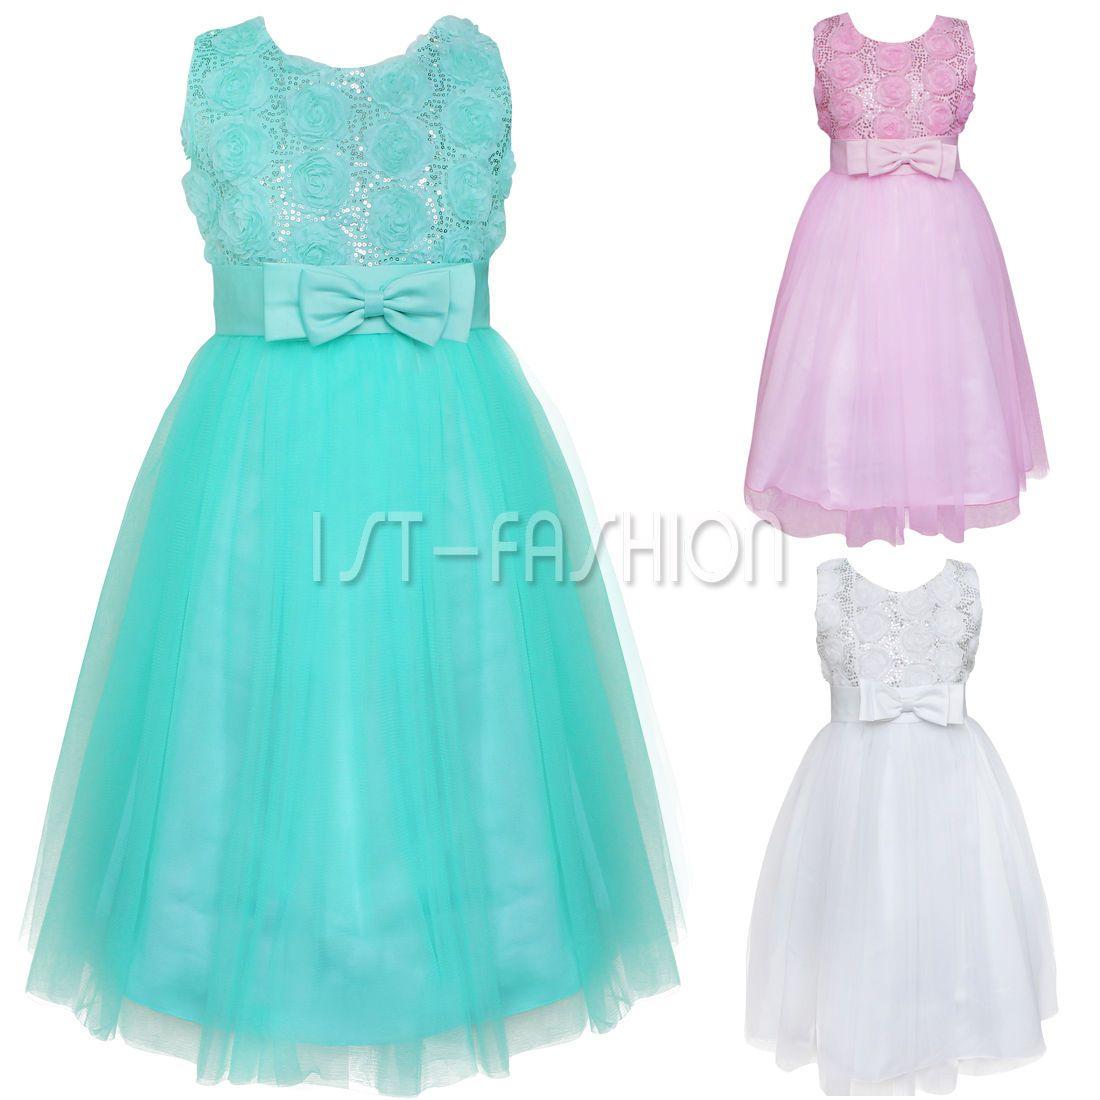 http://www.ebay.fr/itm/Somptueux-Bebe-Enfant-Fille-Tenue-Princesse ...